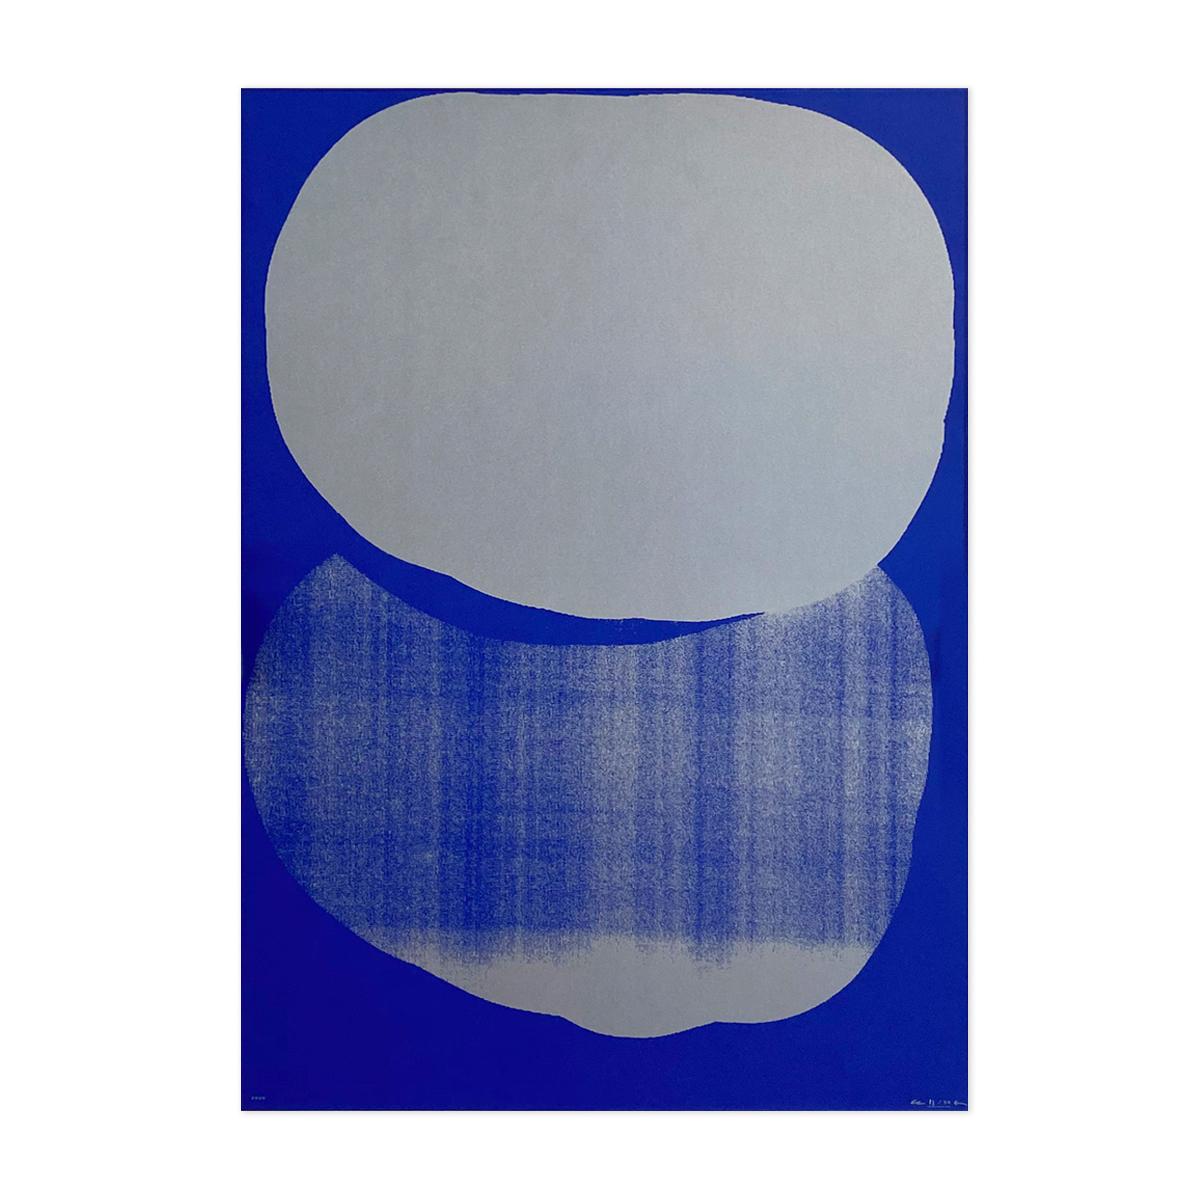 플랫폼엘 크리스 로, Sounds Series (blue)